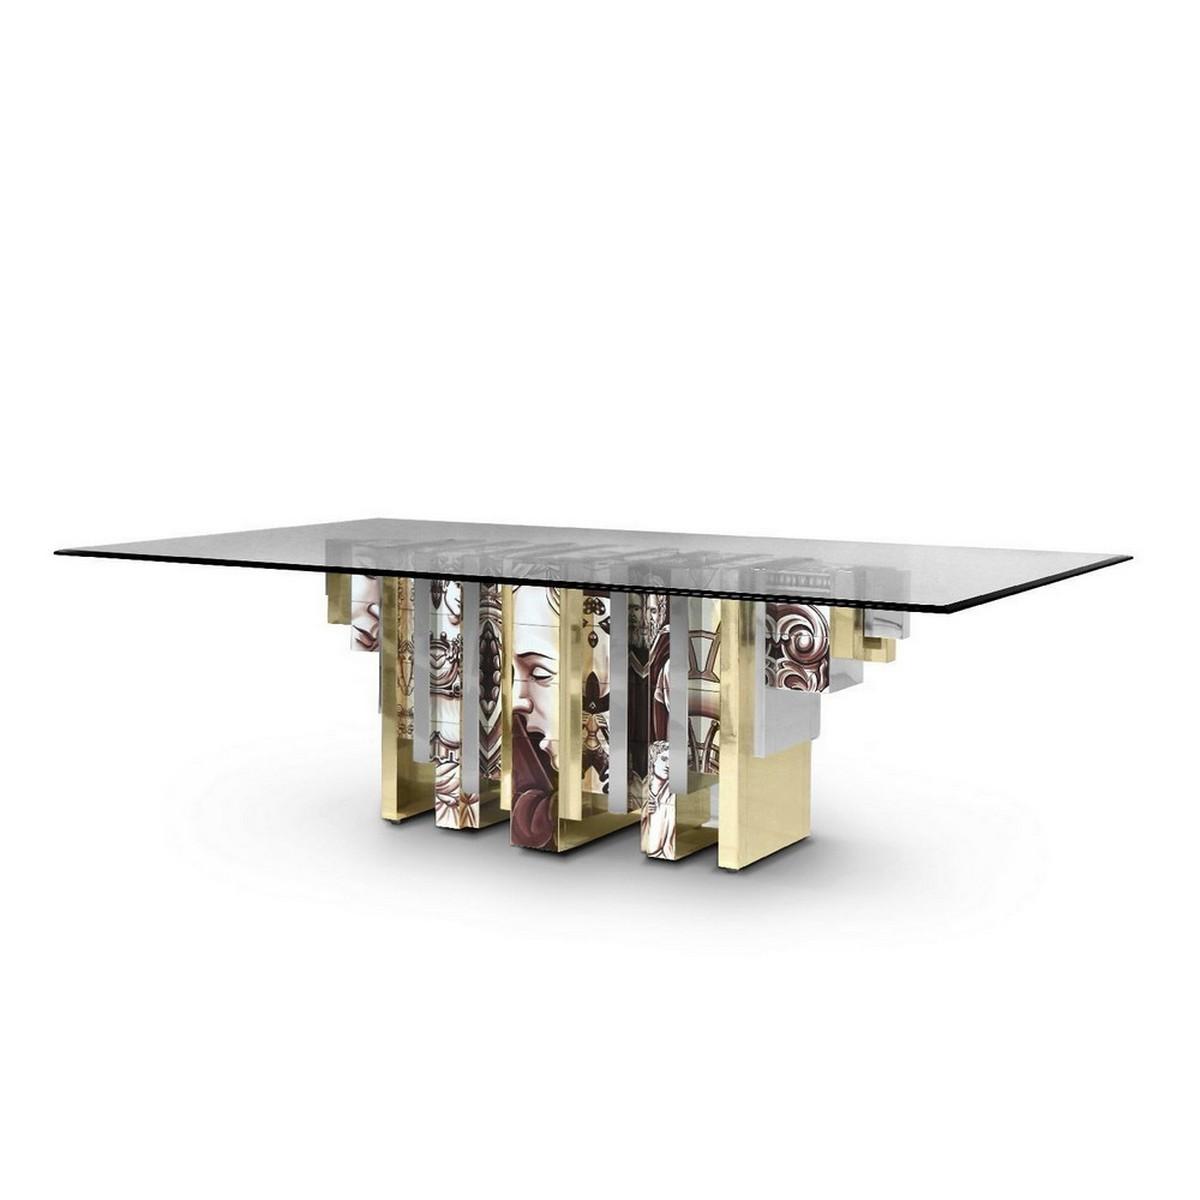 Diseño de Comedor: Una seleción de muebles lujuosos y coloridos diseño de comedor Diseño de Comedor: Una seleción de muebles lujuosos y coloridos 66254 11305238